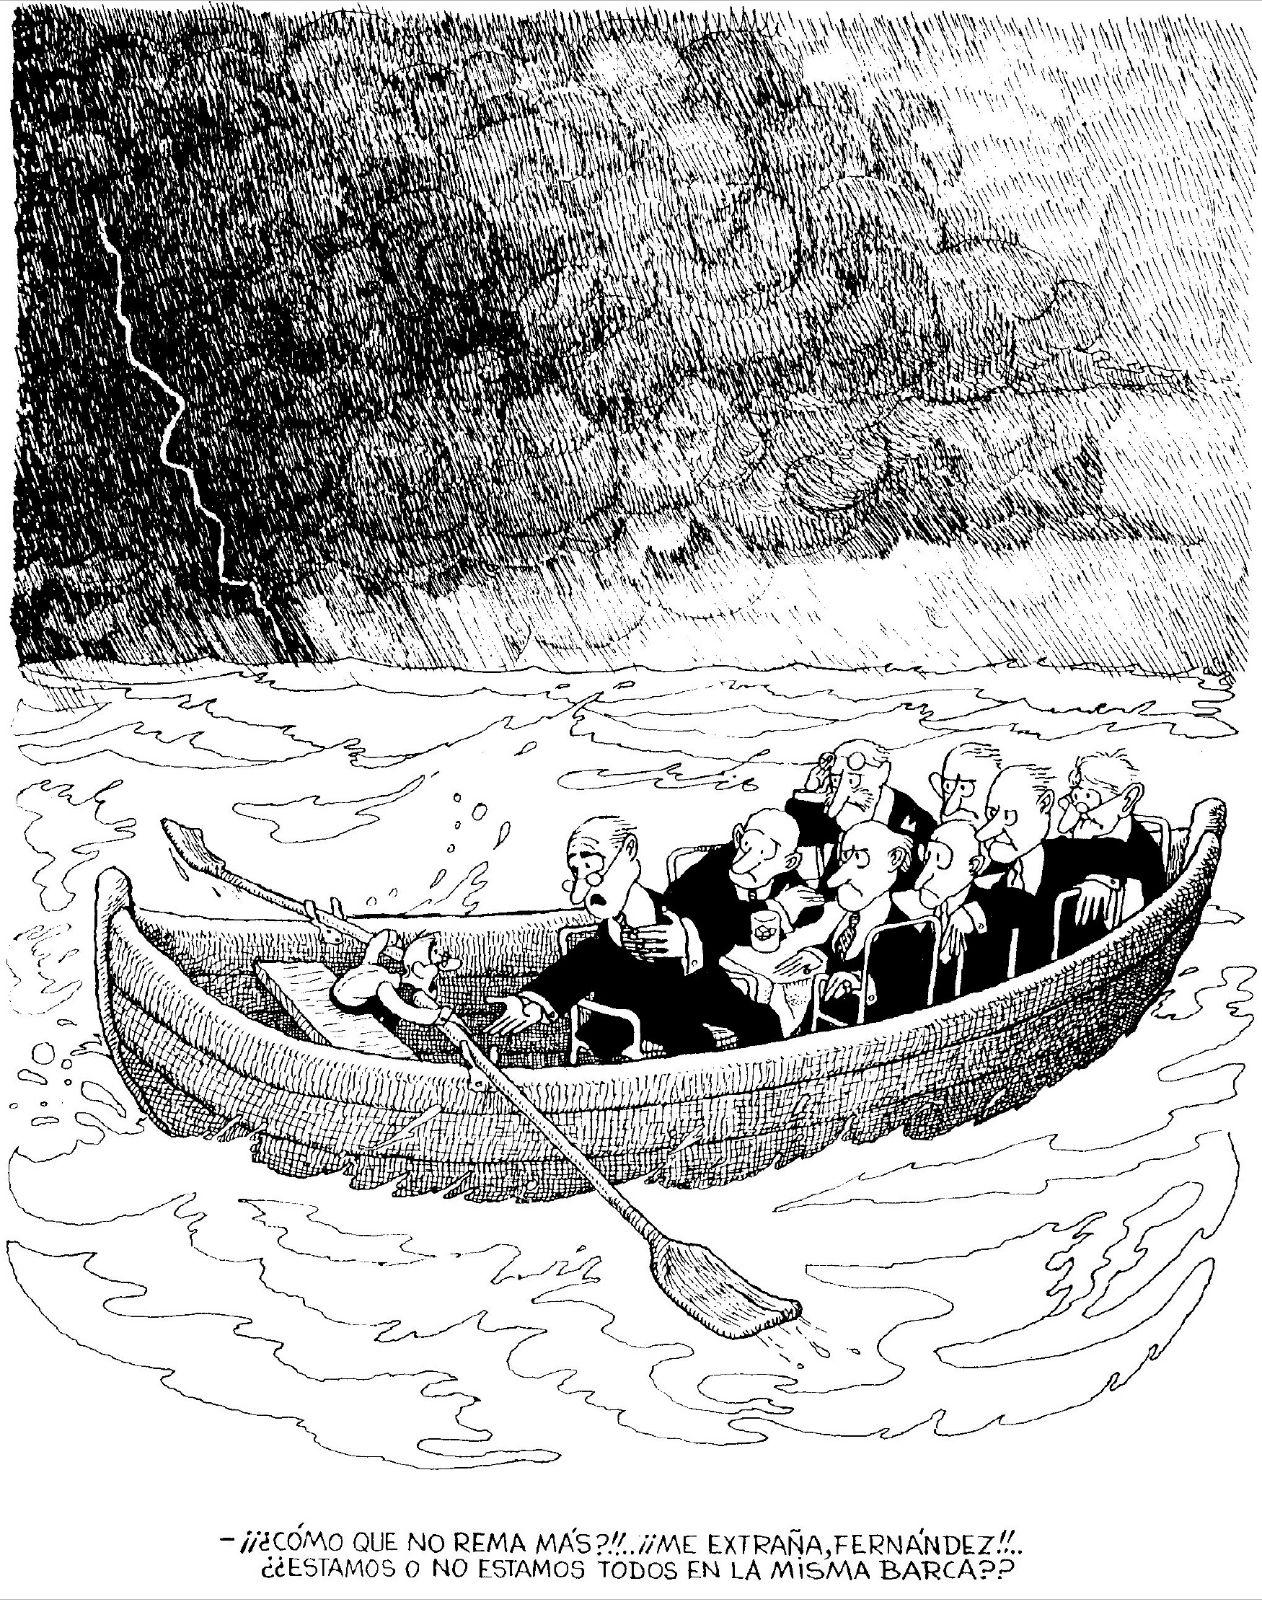 https://entrenatuvida.files.wordpress.com/2011/10/quino-en-la-misma-barca.jpg